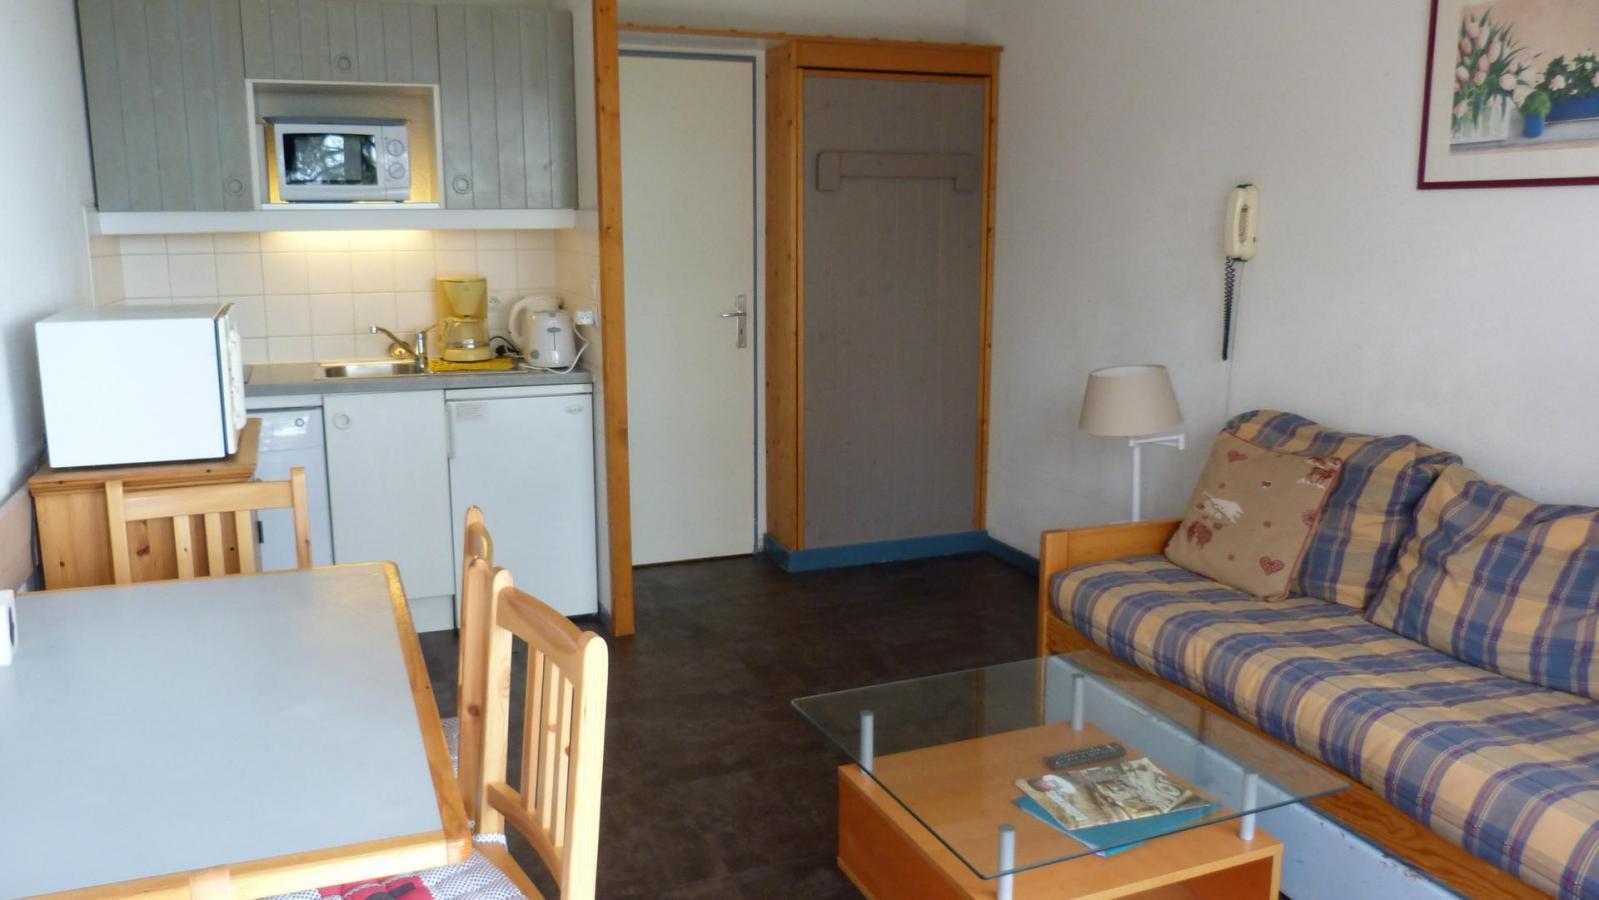 Location au ski Appartement 2 pièces 5 personnes (214) - Residence Le Ruitor - Les Arcs - Kitchenette